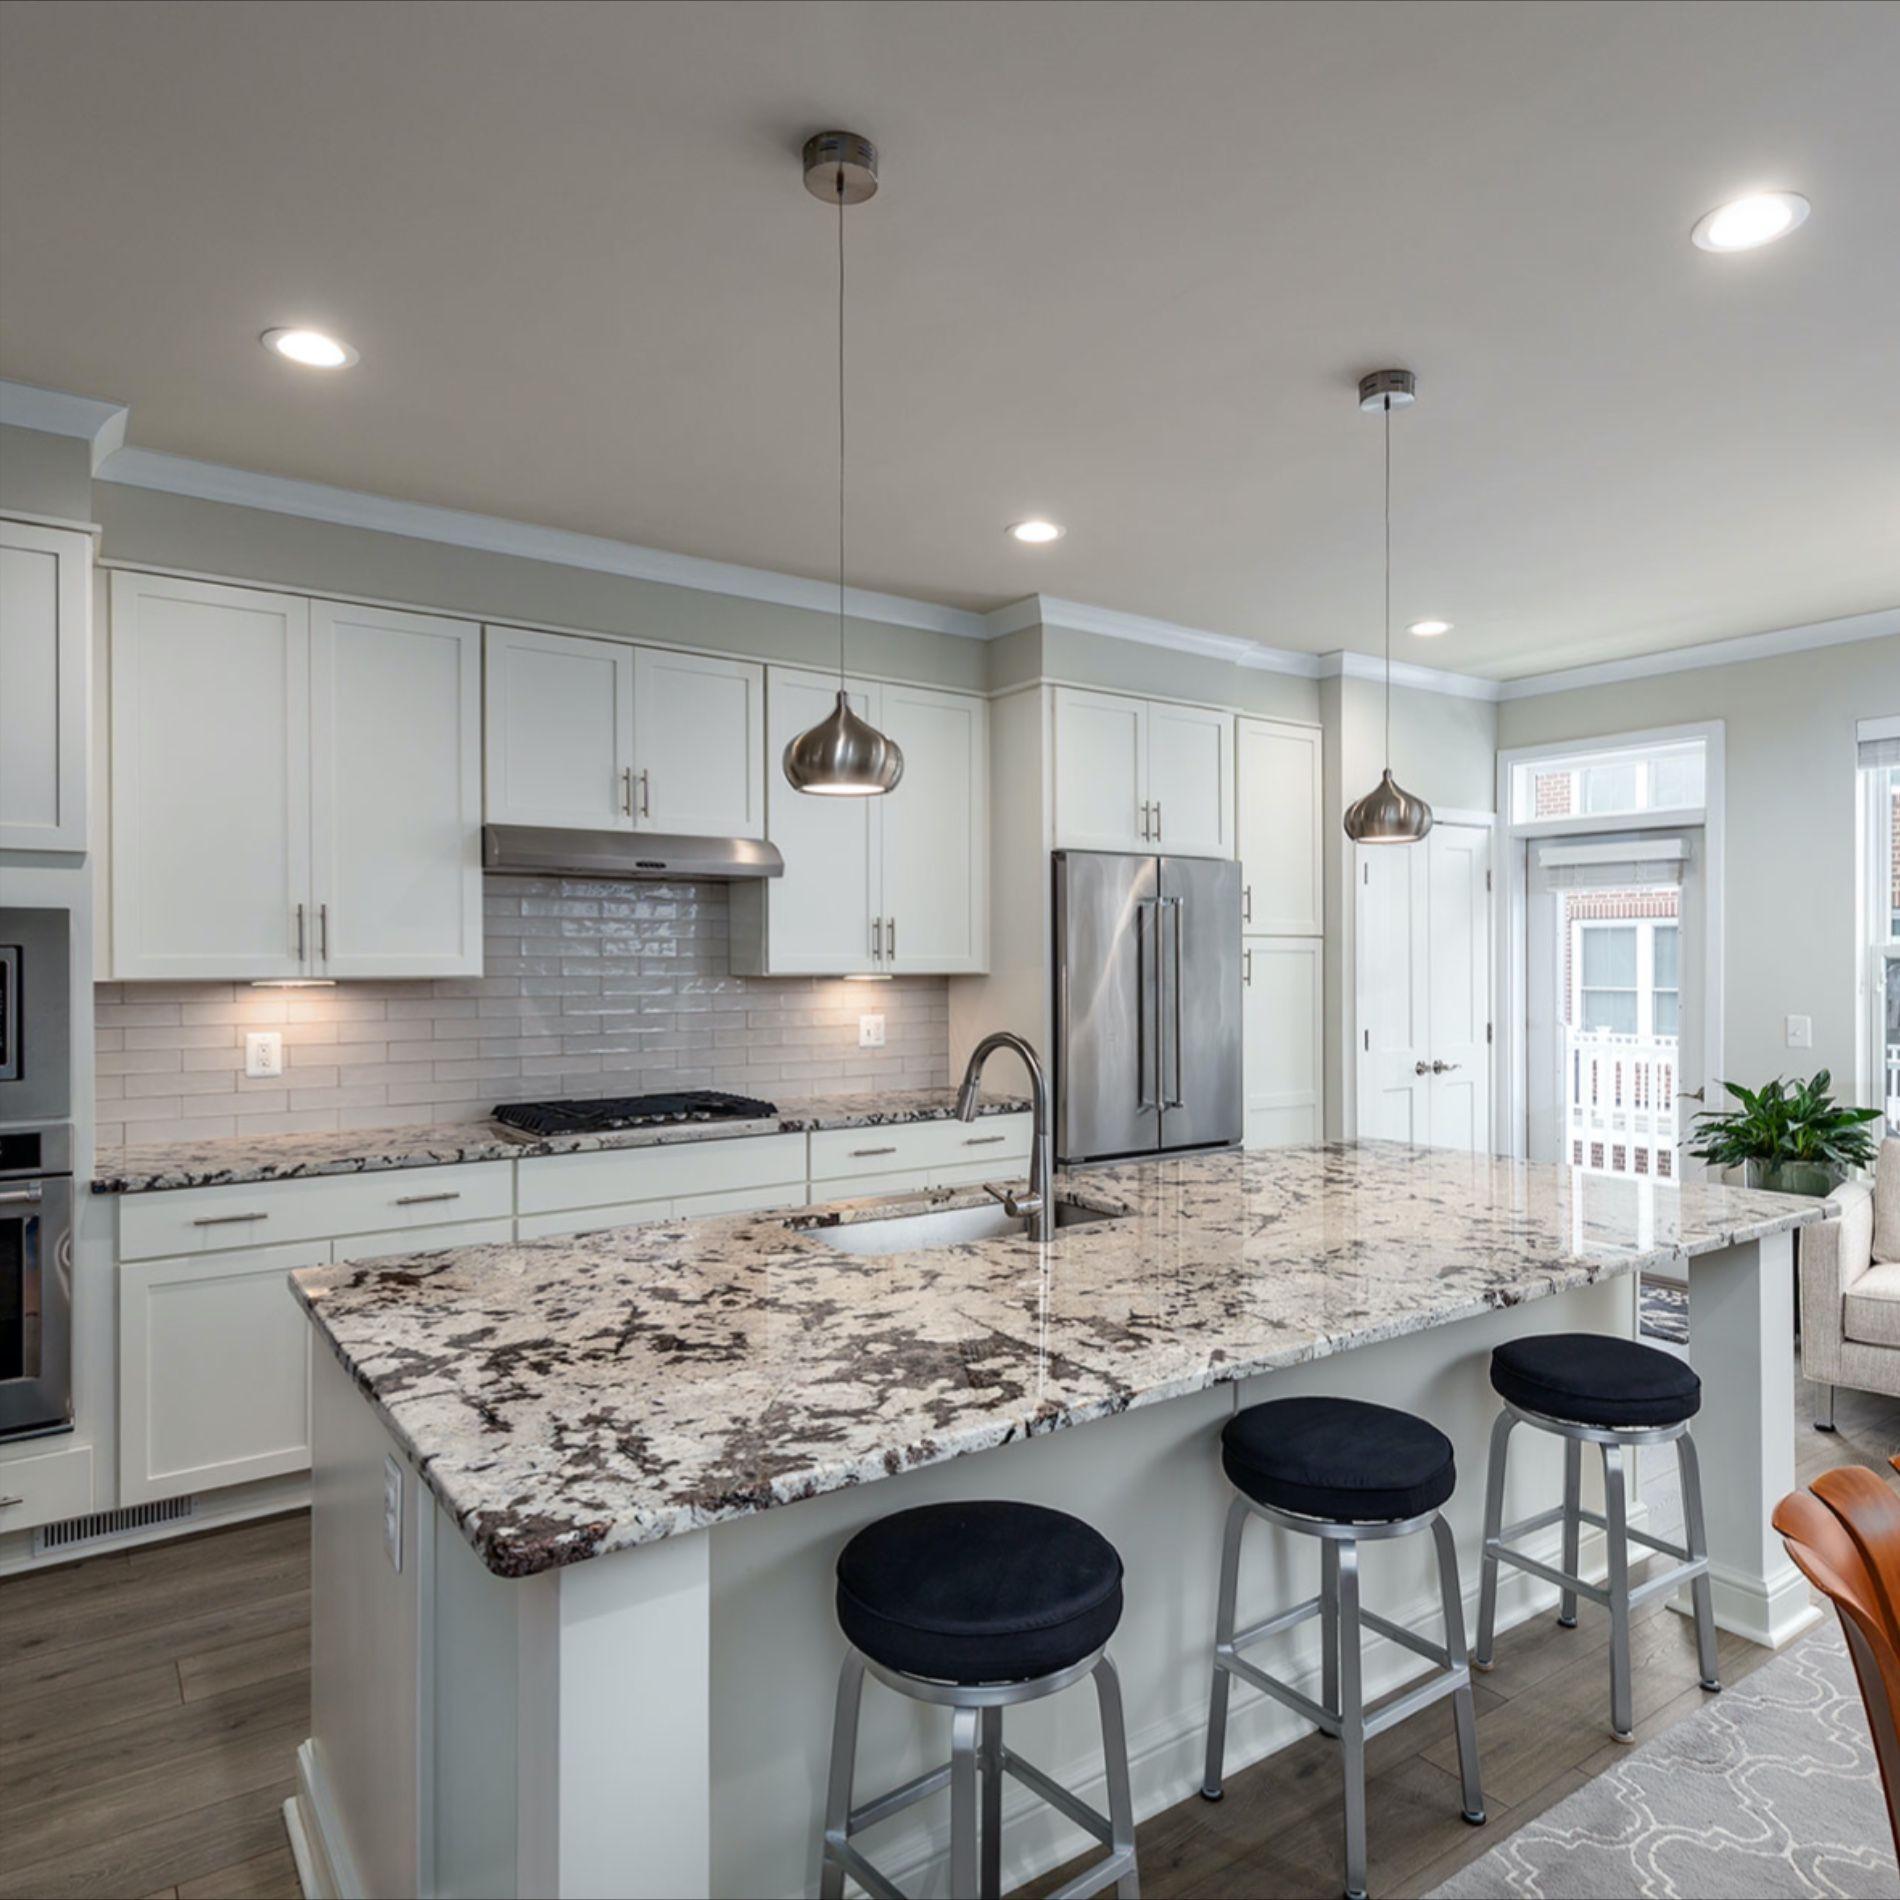 Gourmet Chef S Kitchen Chefs Gourmet Kitchen In 2020 Backsplash Kitchen White Cabinets Gray Cabinets White Countertops Grey Kitchen Island